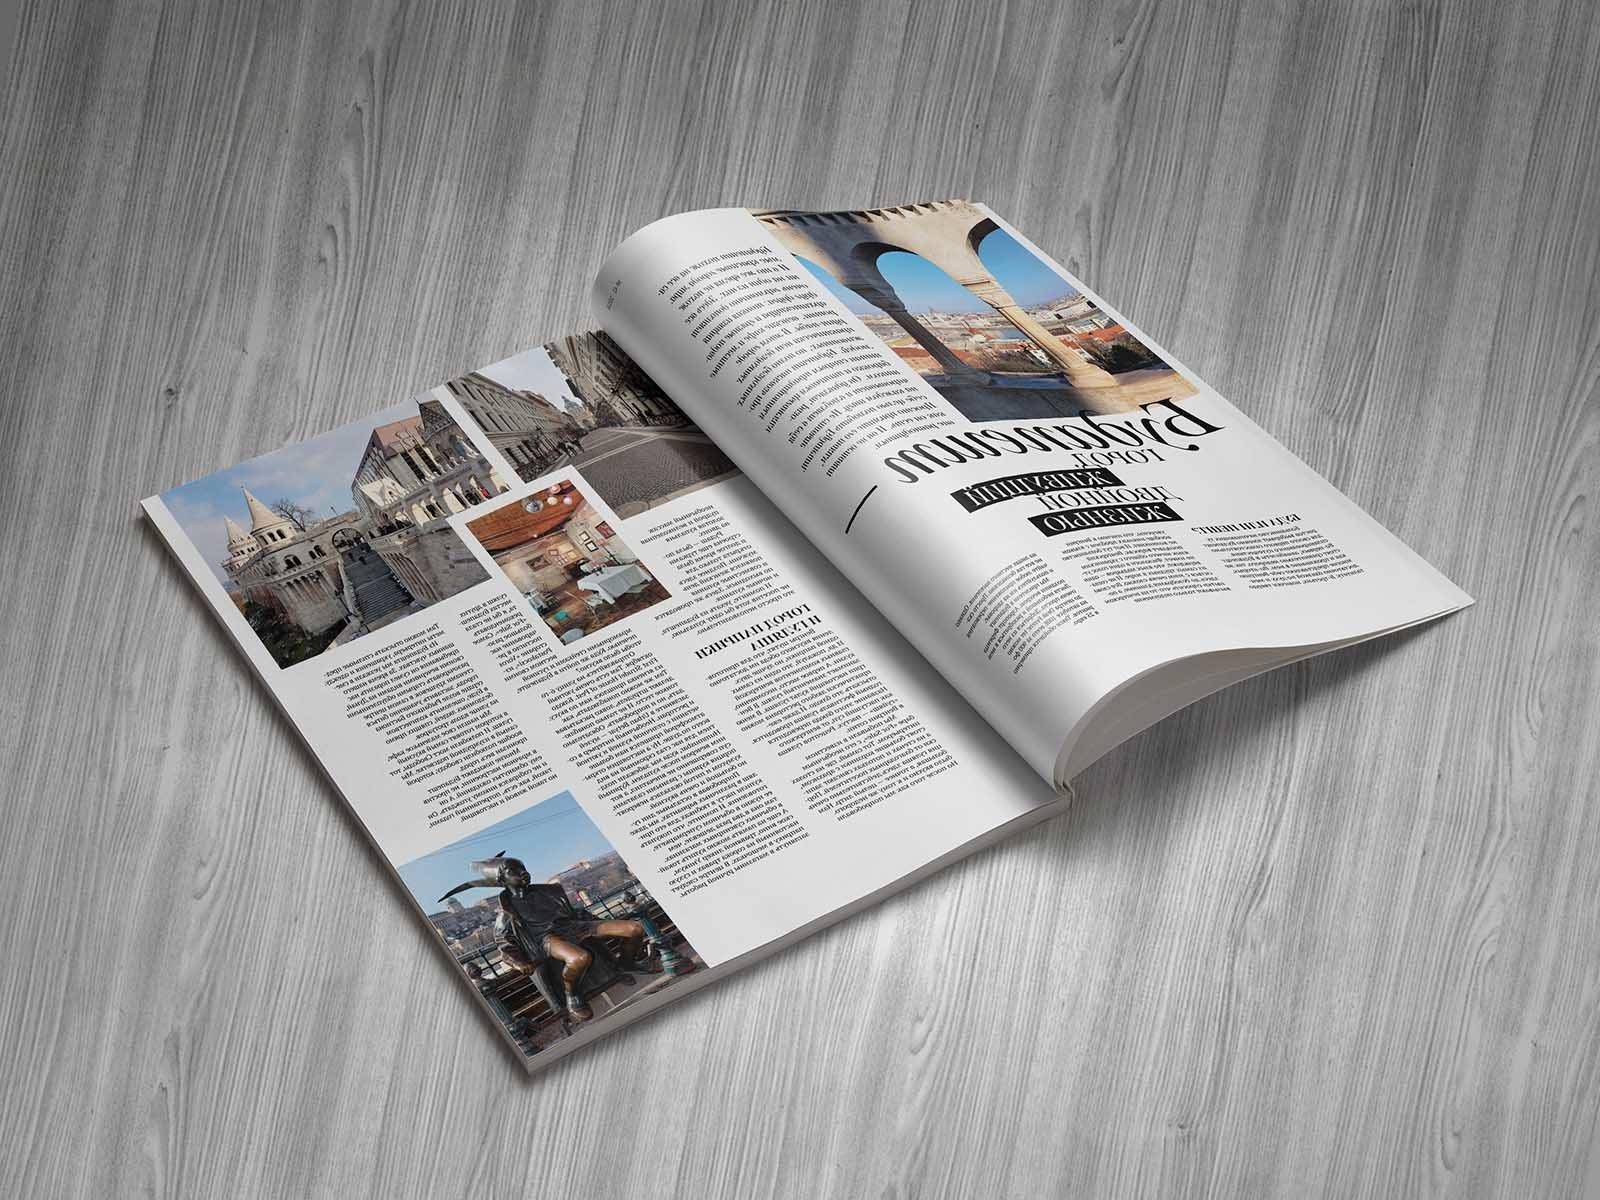 Полистайте журналы с дизайнерскими идеями